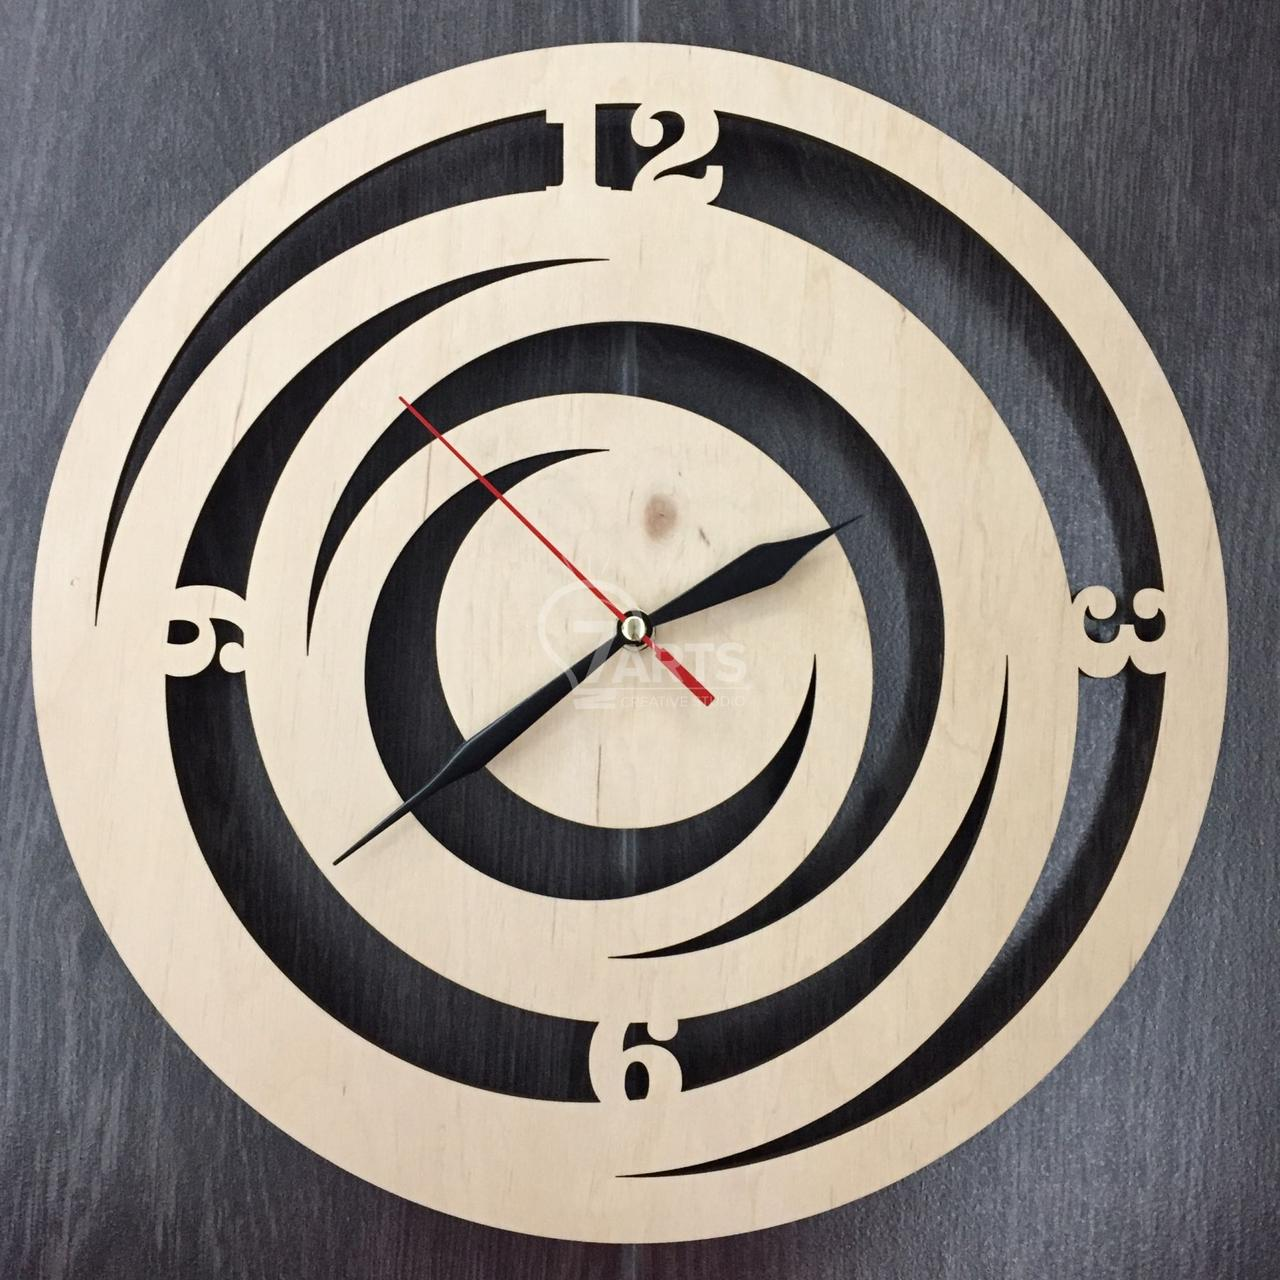 Стильные деревянные настенные часы ручной работы Модерн